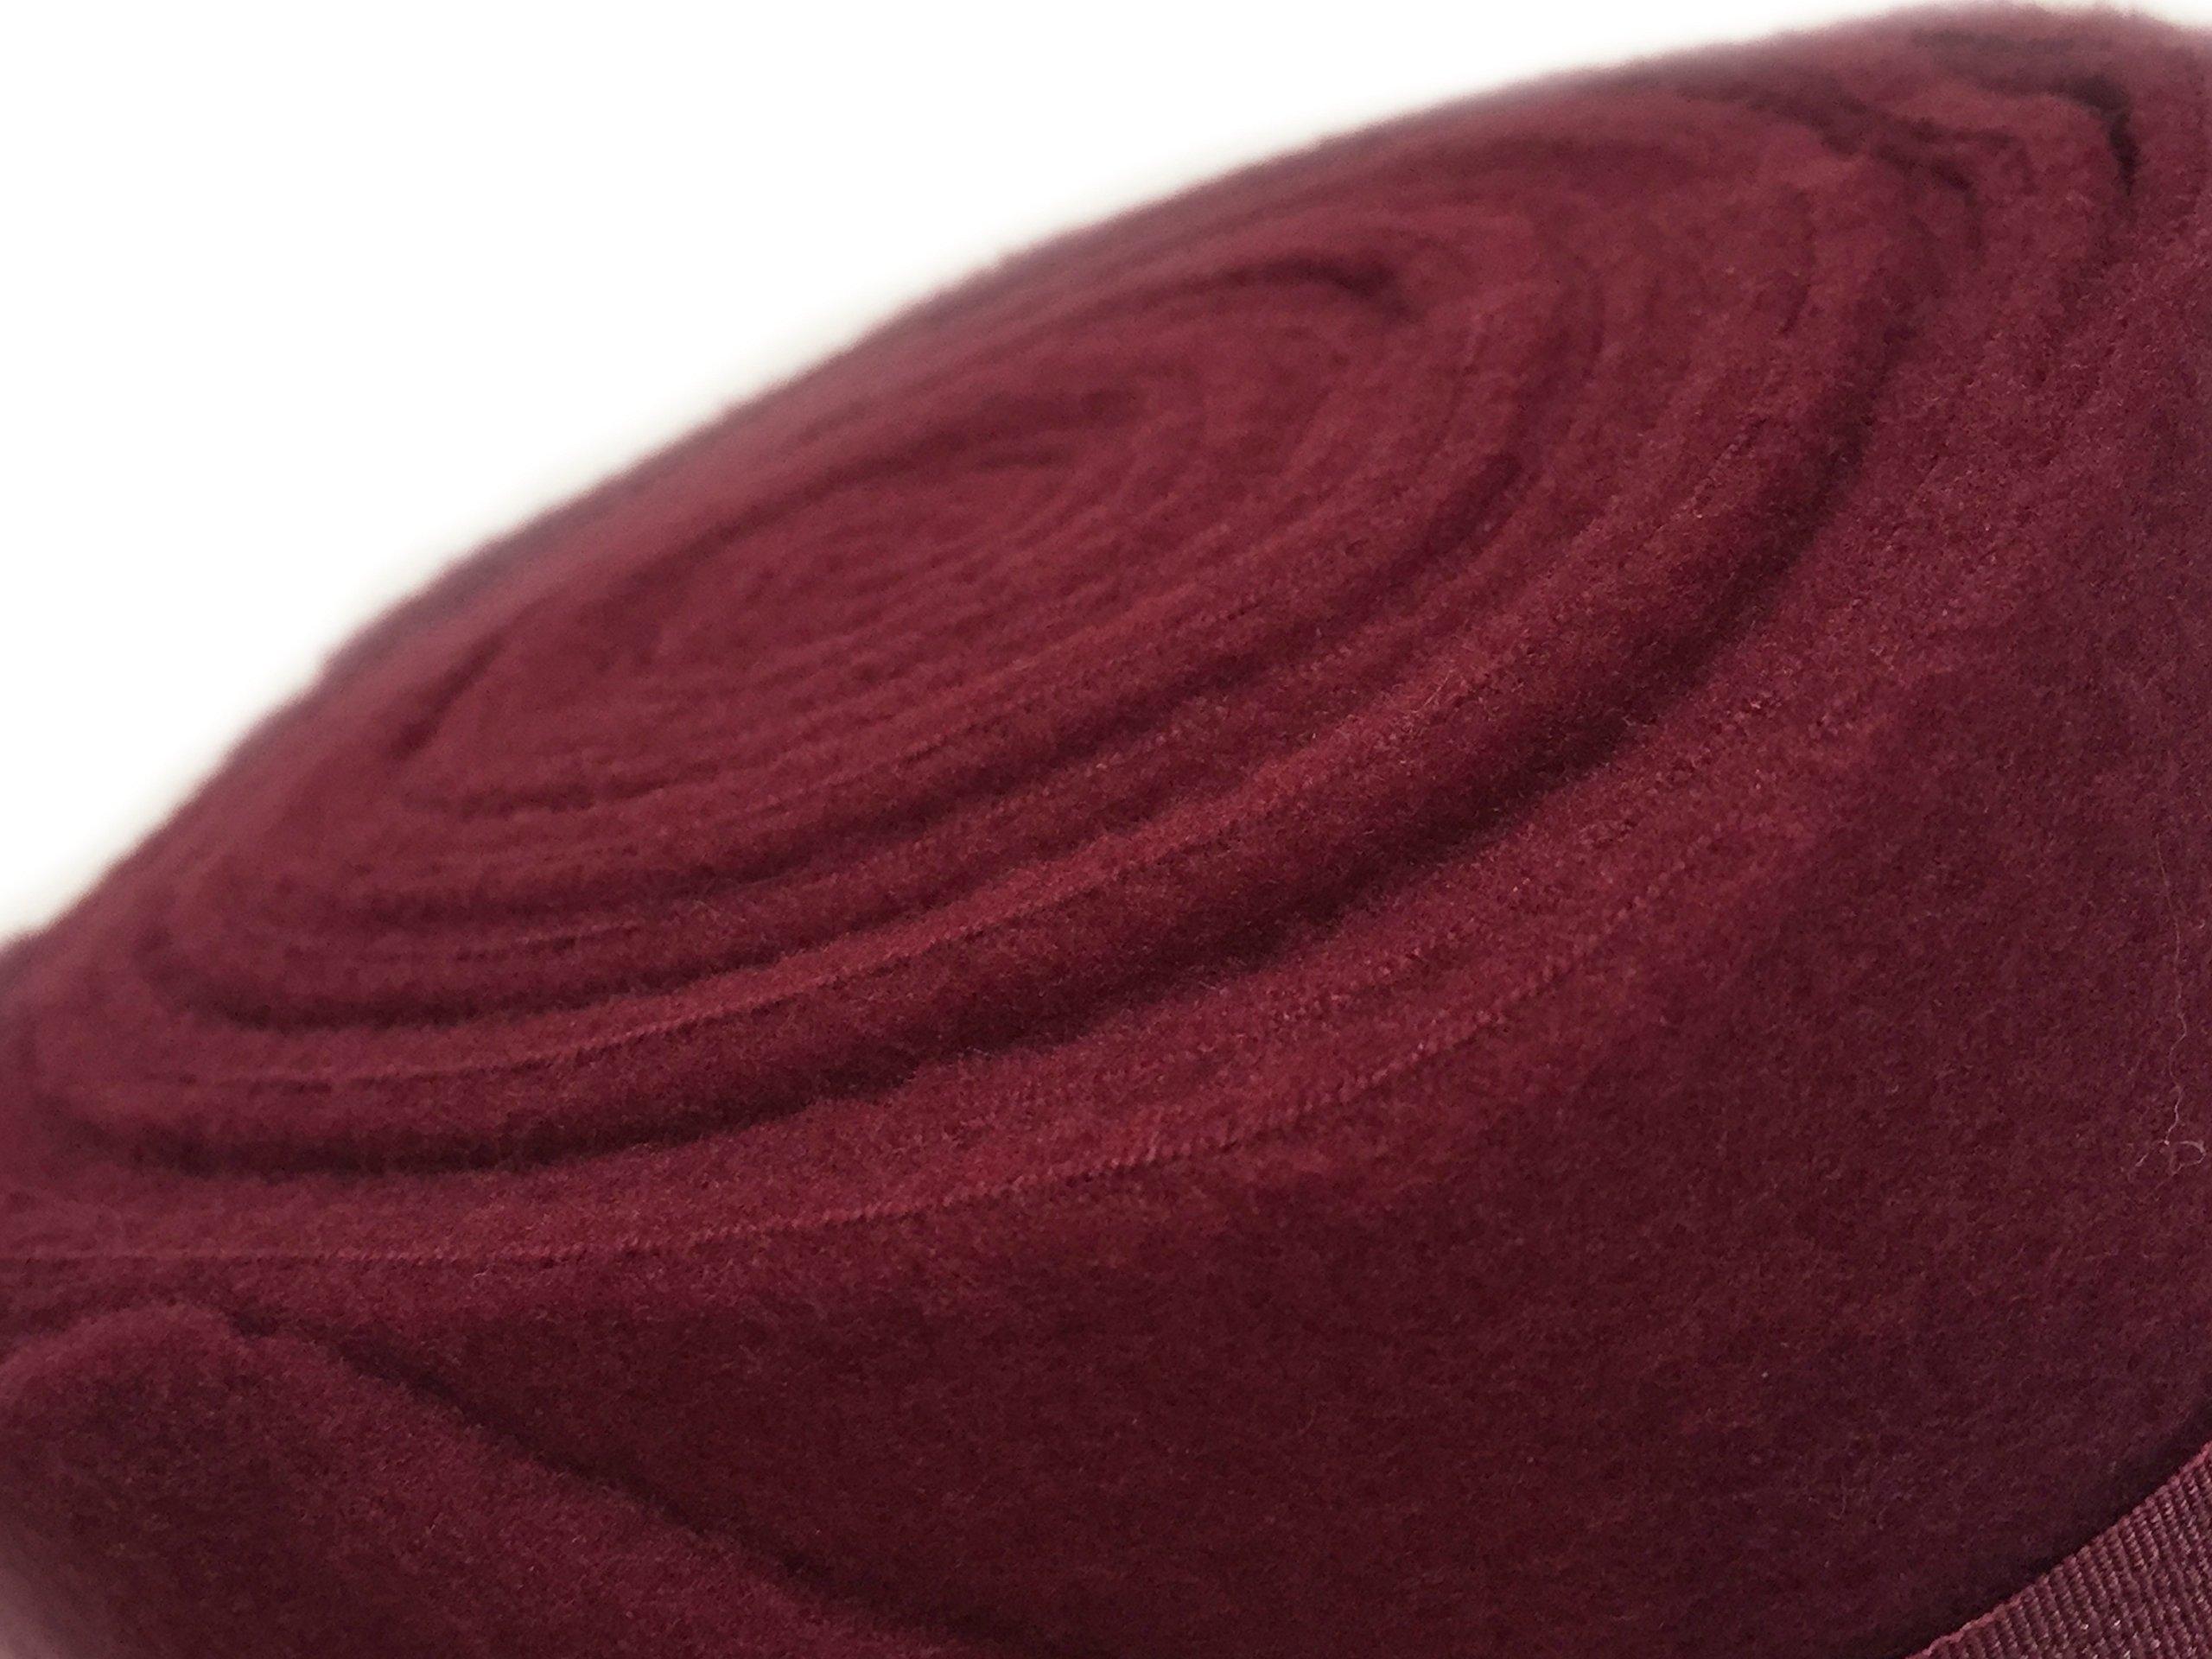 Set of Four Fleece Polo Wraps, Burgundy/Maroon, Horse Size